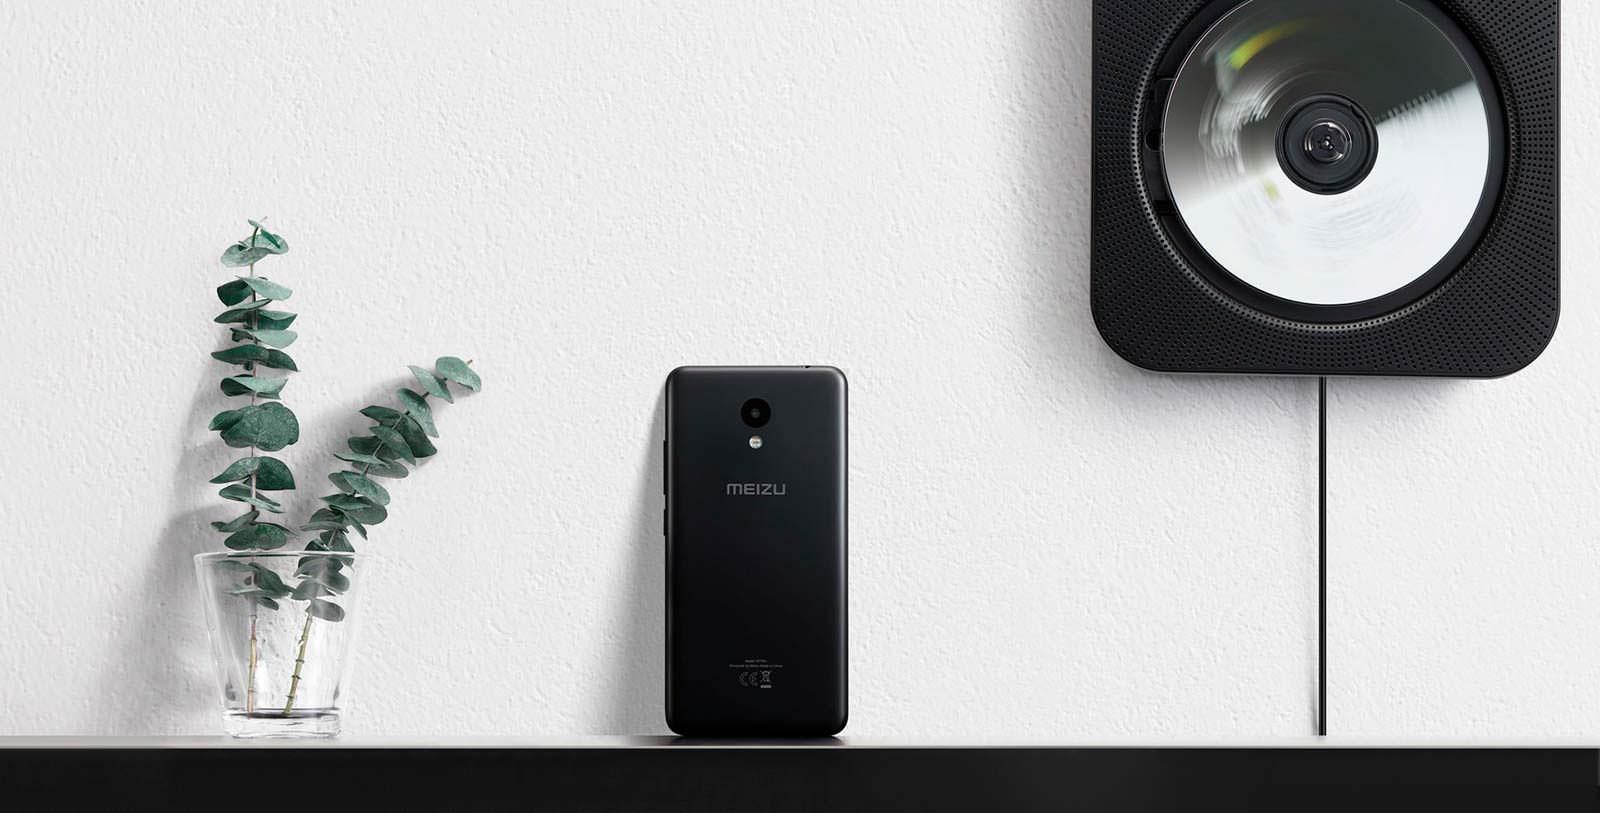 Meizu M5C: самый дешевый смартфон с Flyme